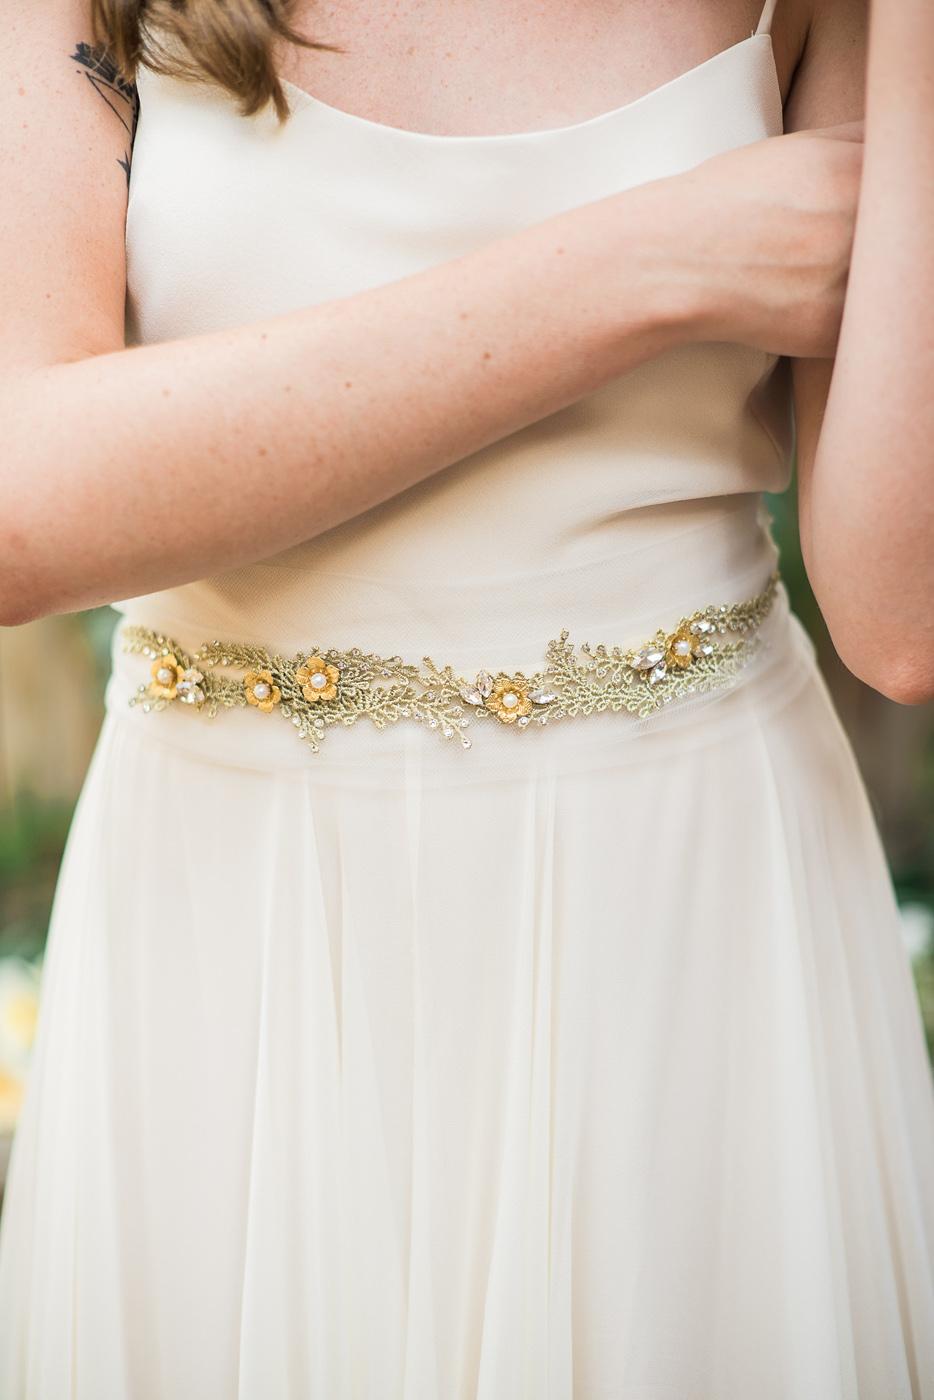 gold vine and flower belt hushed commotion